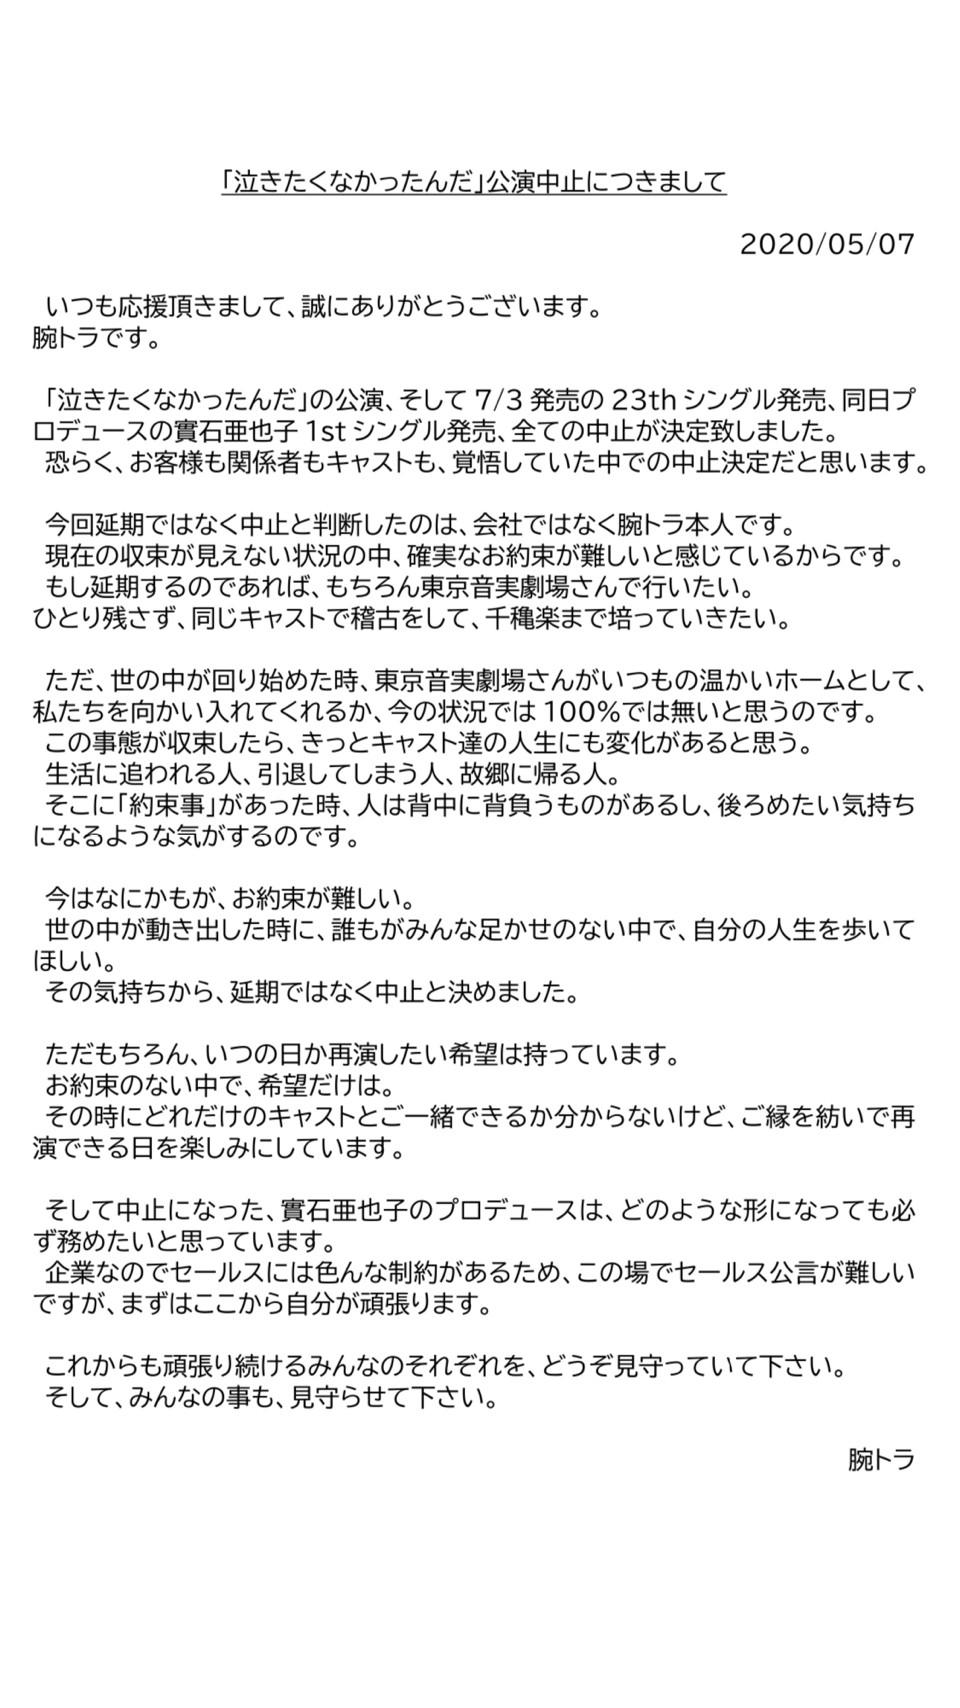 公演中止ドキュメント_200507_0001.jpg